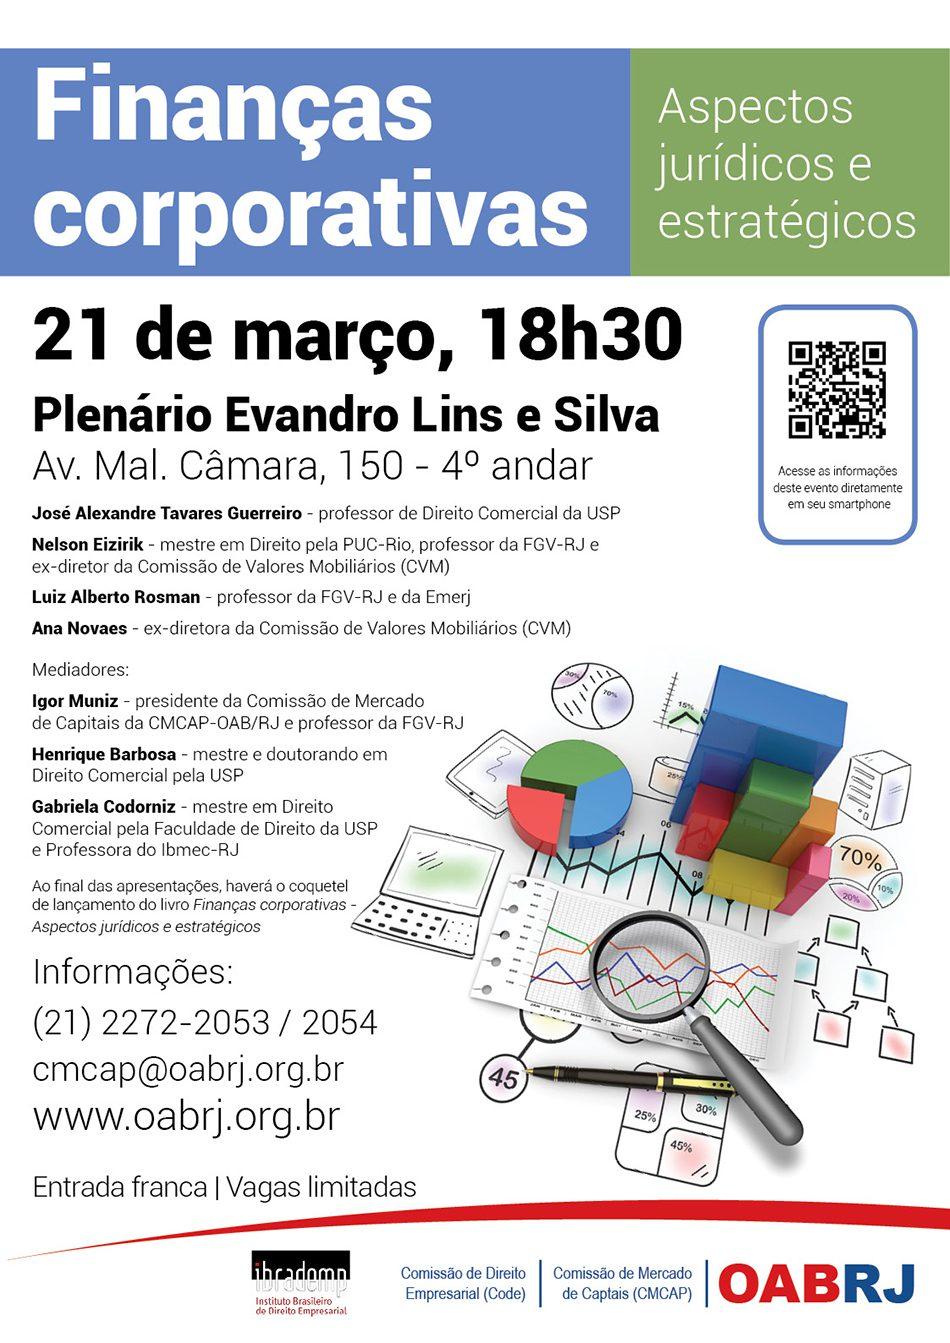 cartaz_CMCAP_Finanças corporativas – aspectos jurídicos e estratégicos